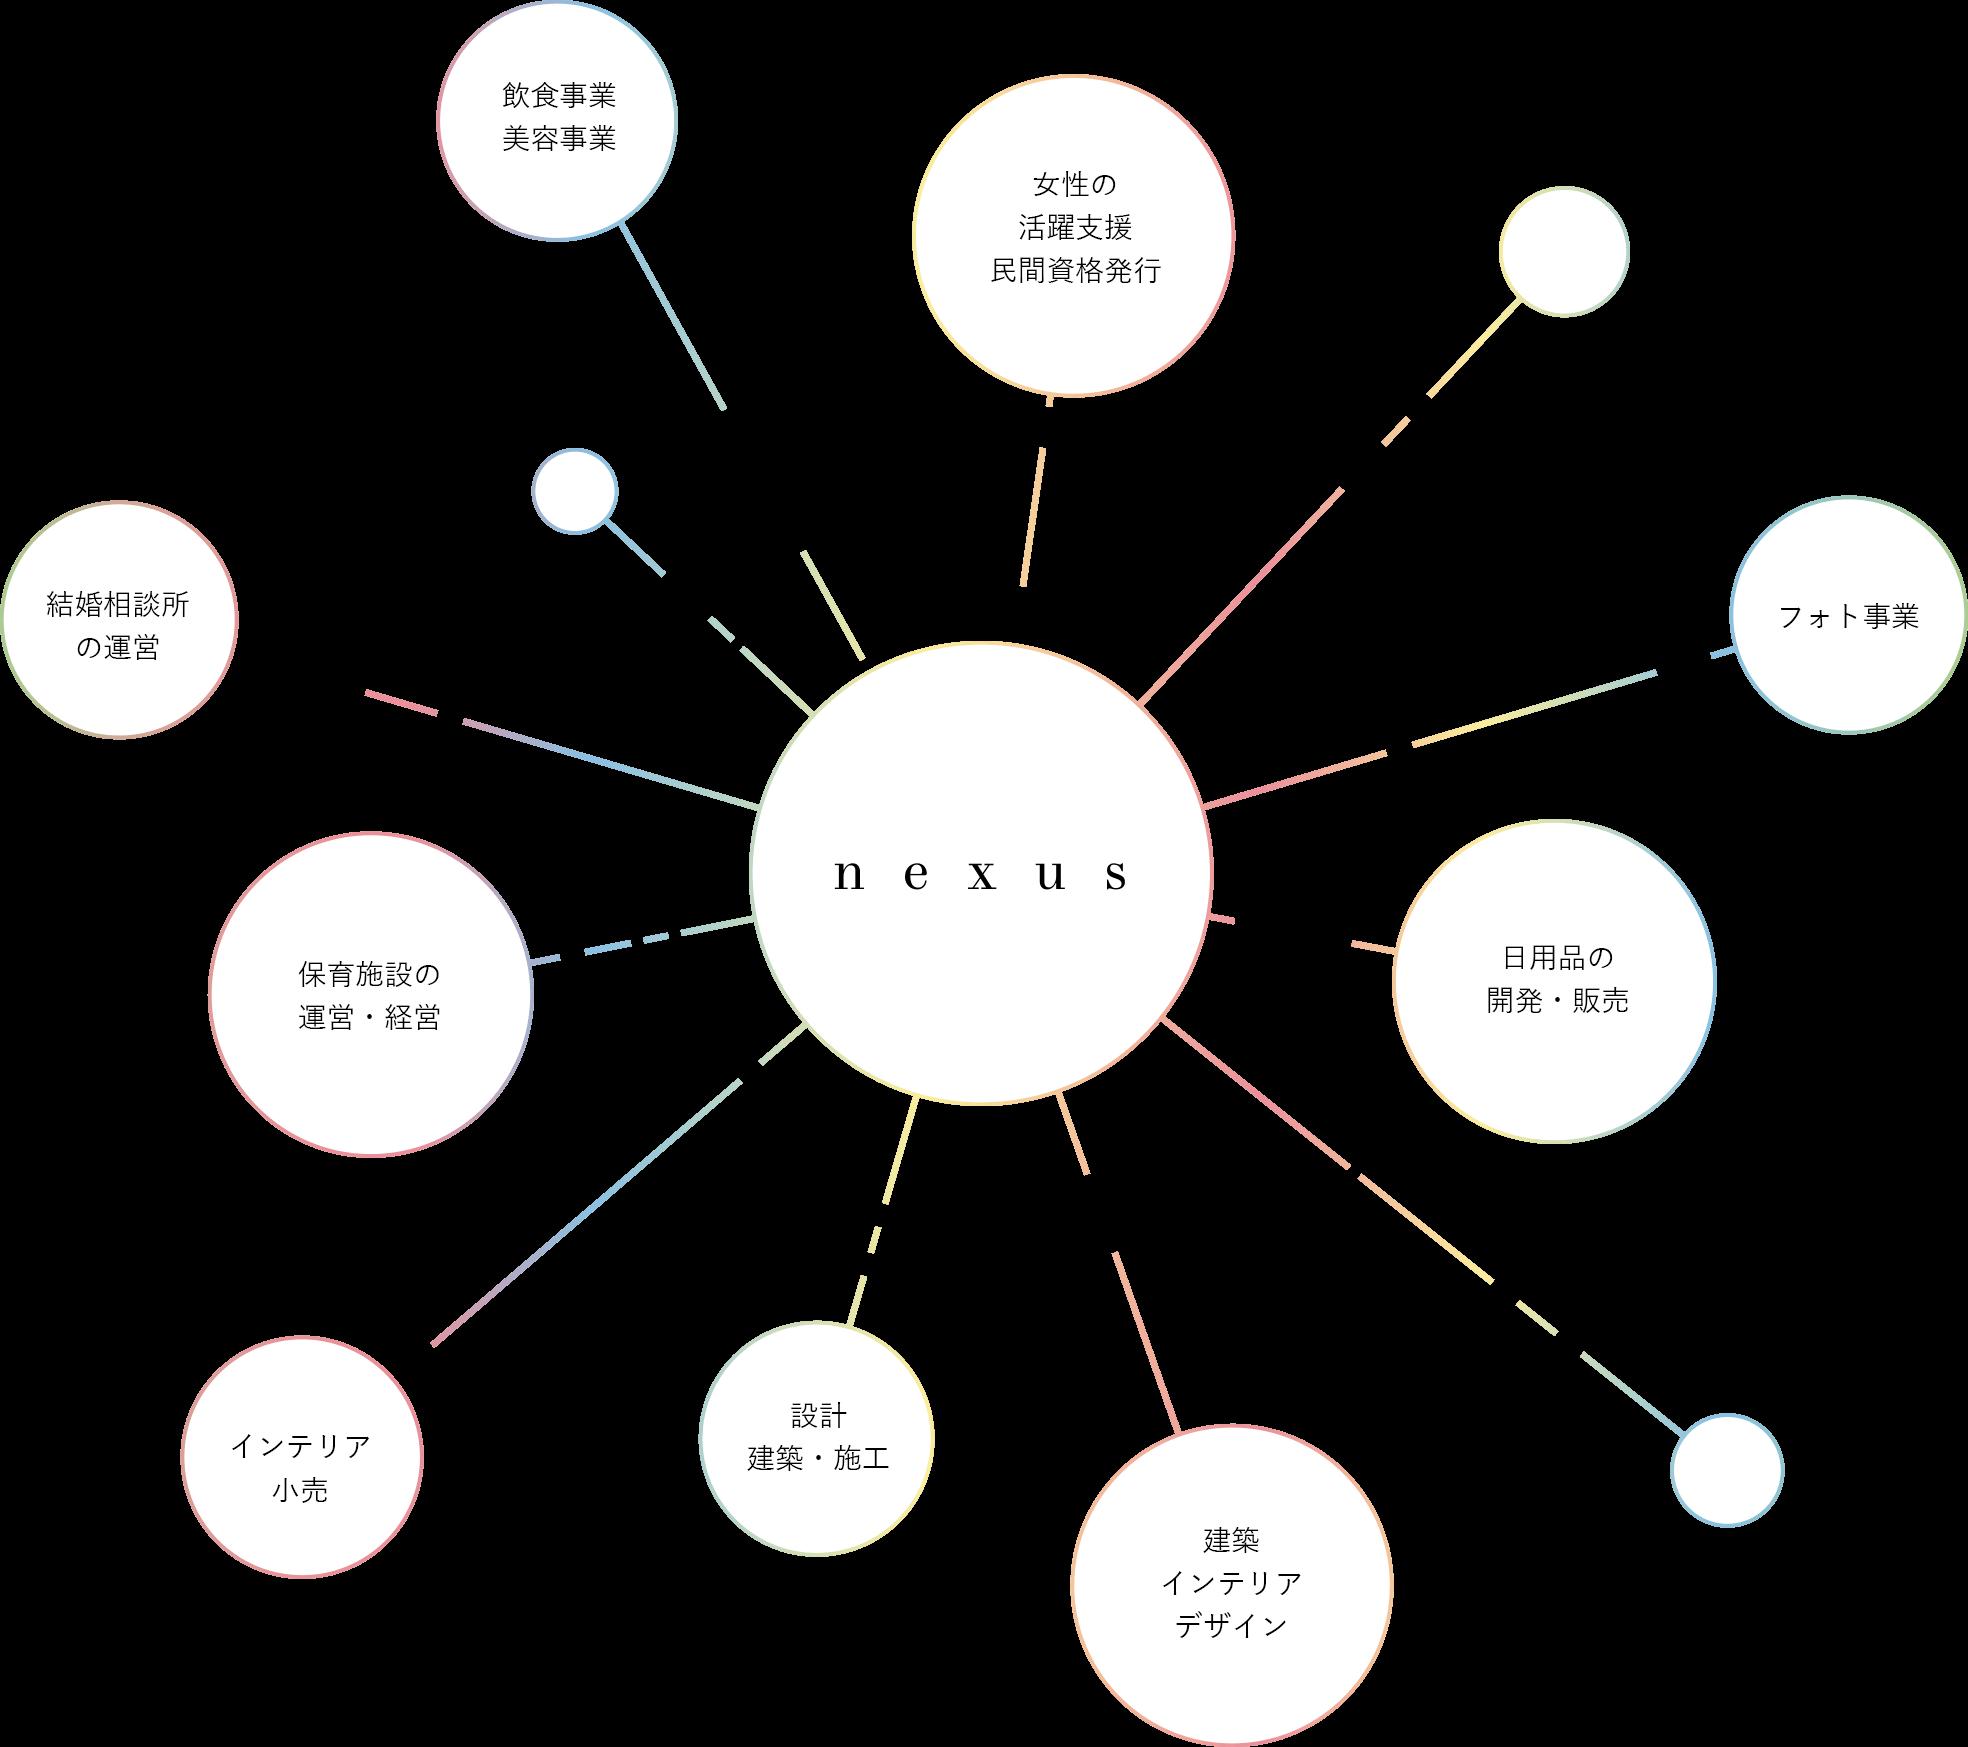 事業内容のイメージ